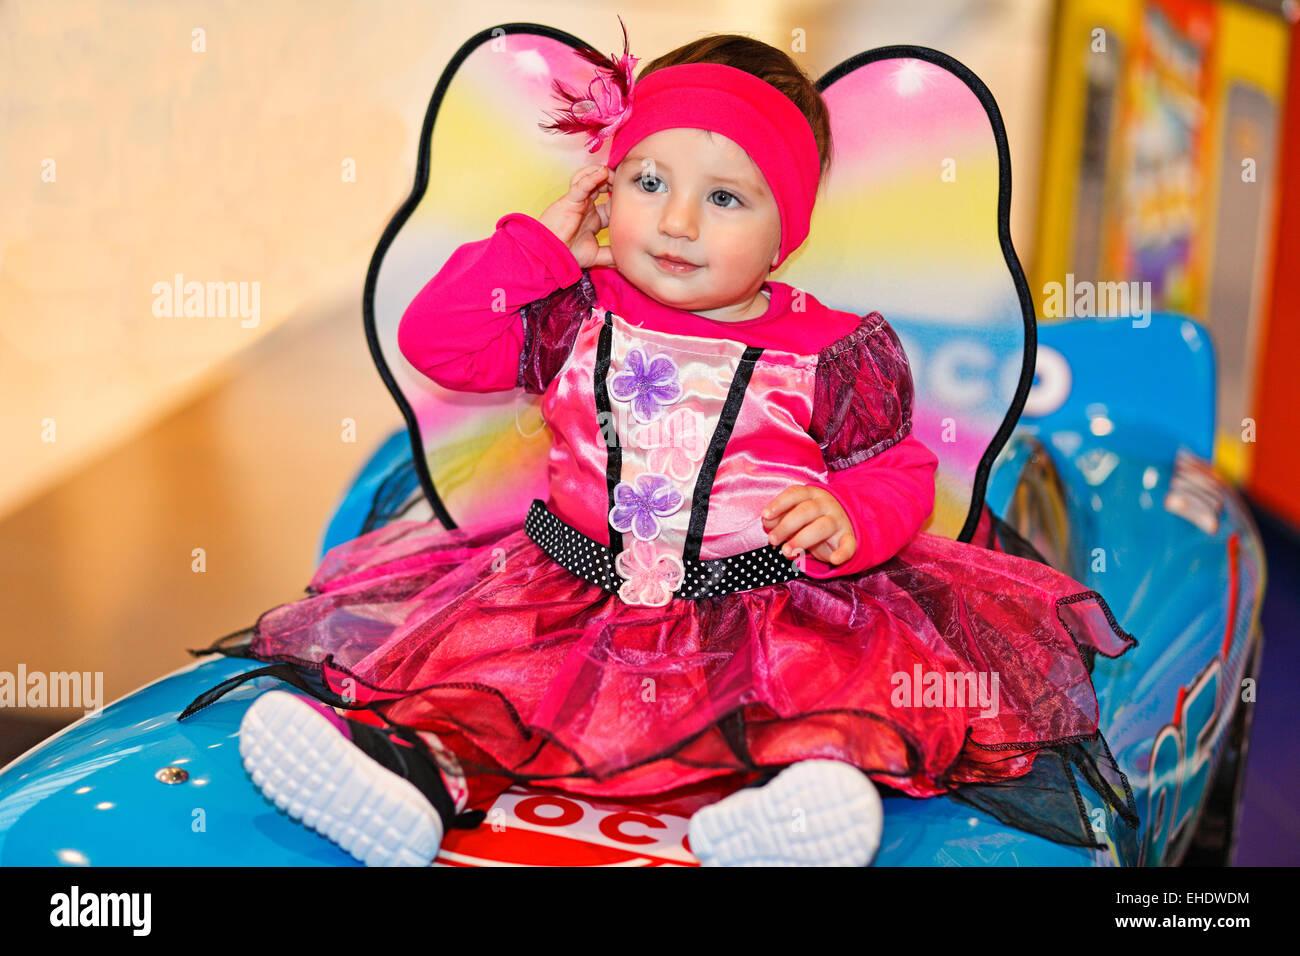 Una graziosa bambina in costume fata divertendosi Immagini Stock